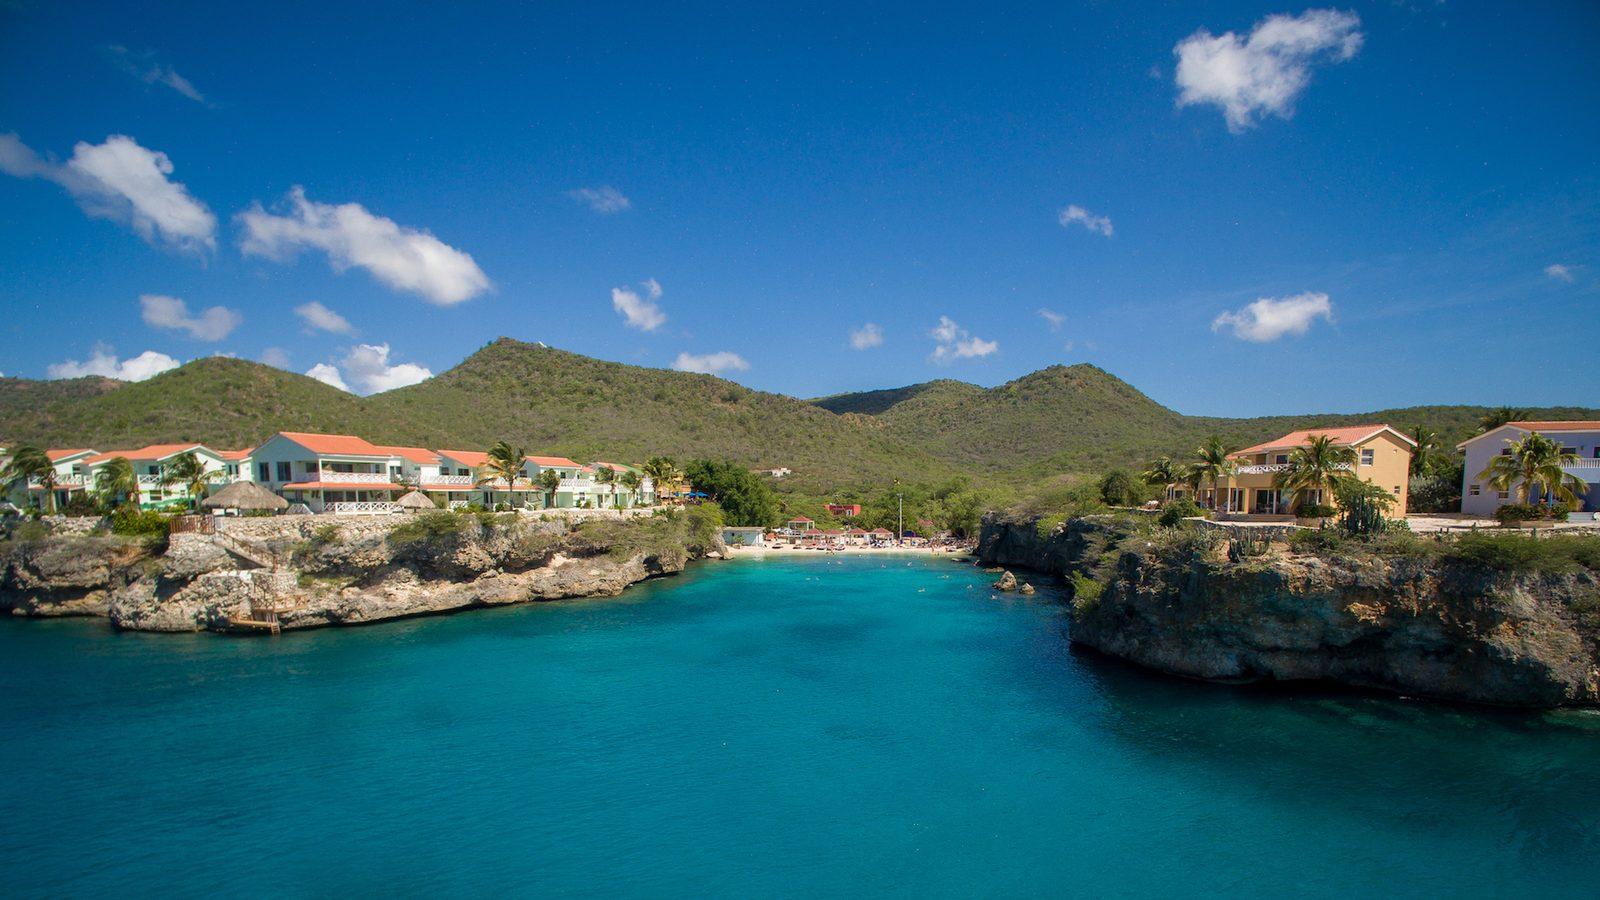 Vakantiehuis huren Curaçao